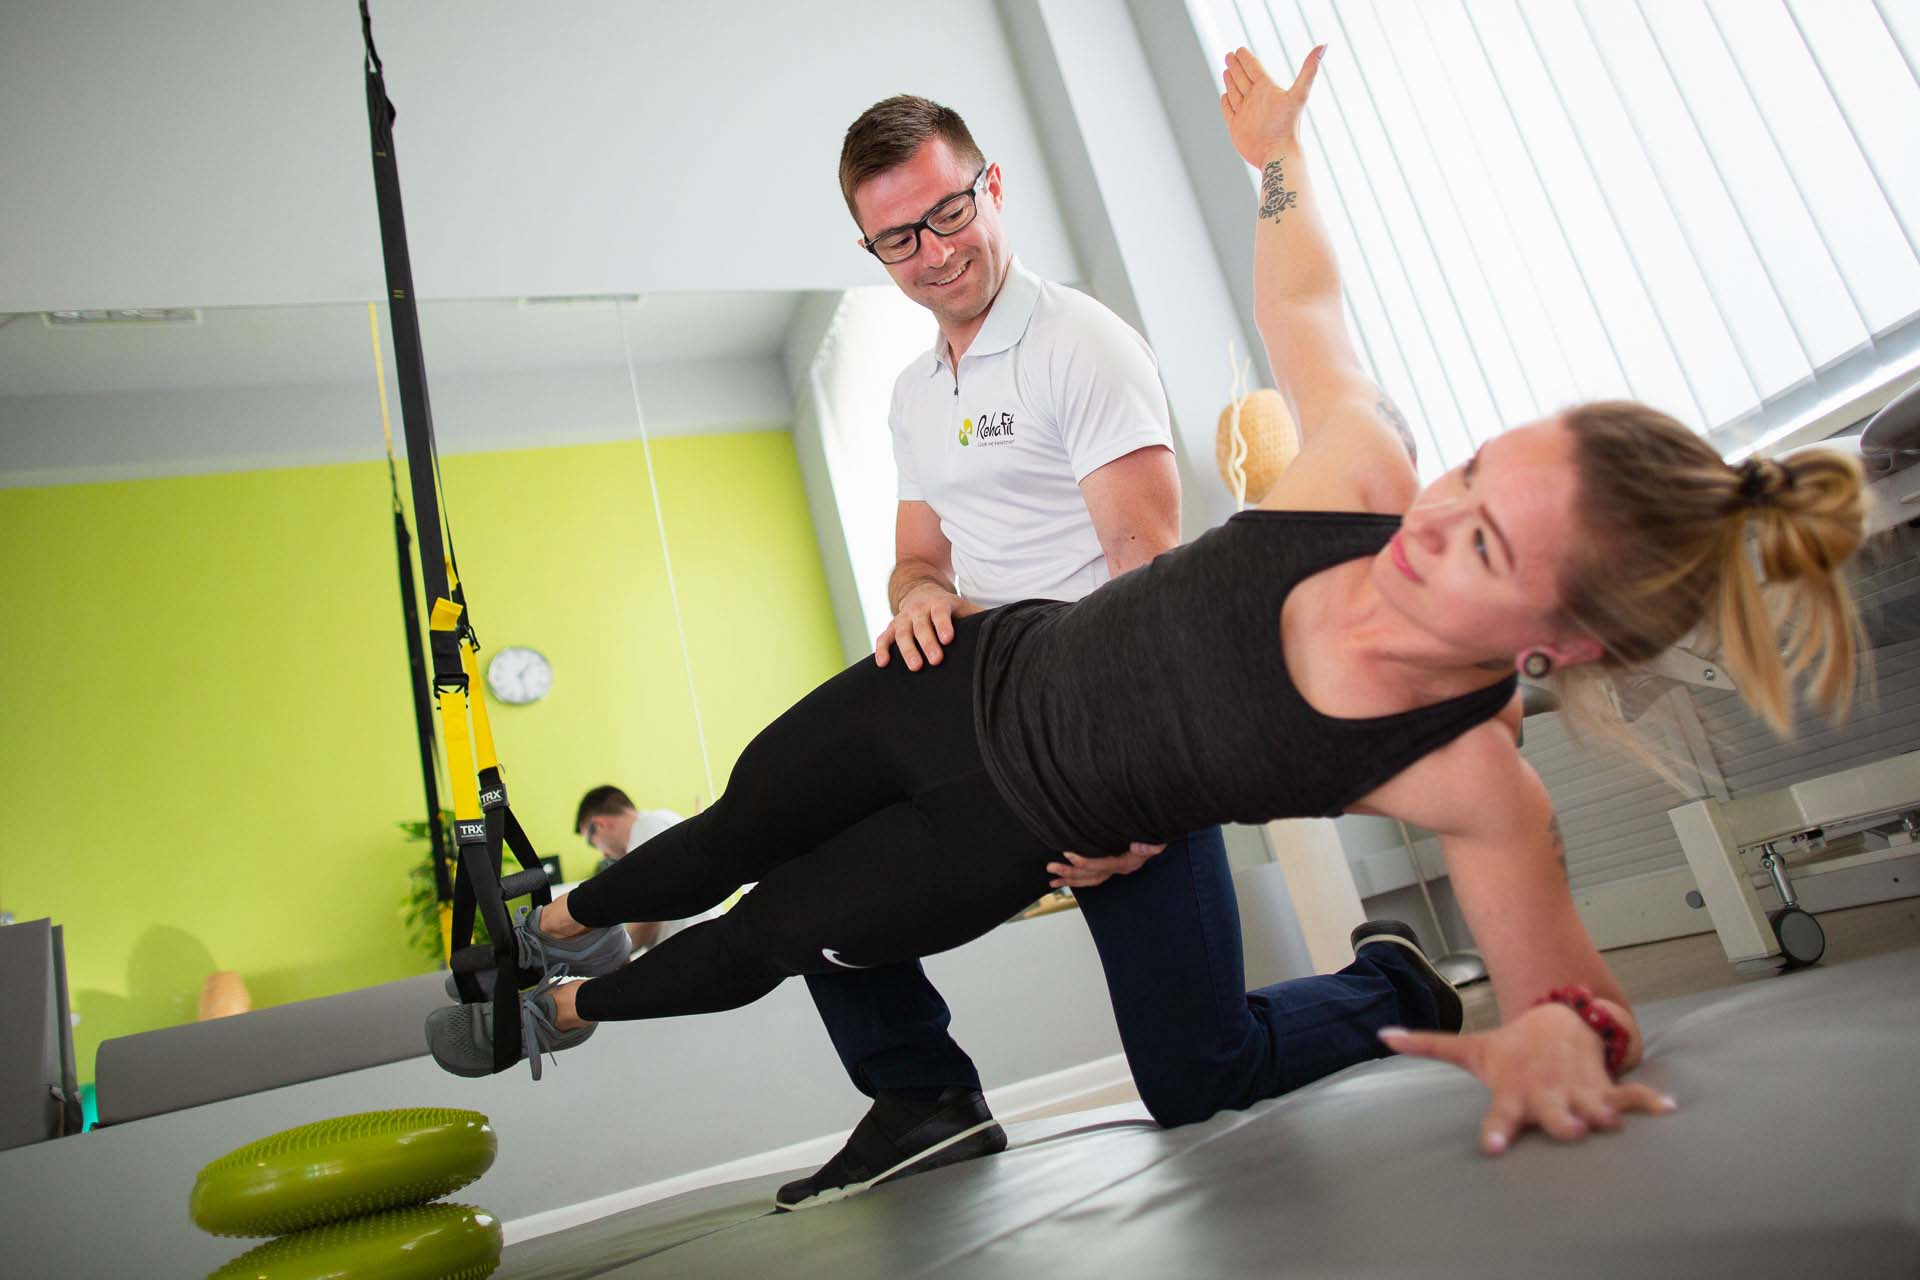 Doświadczony fizjoterapeuta podczas indywidualnej pracy z pacjentem we wrocławskim centrum rehabilitacji i masażu RehaFit we Wrocławiu.